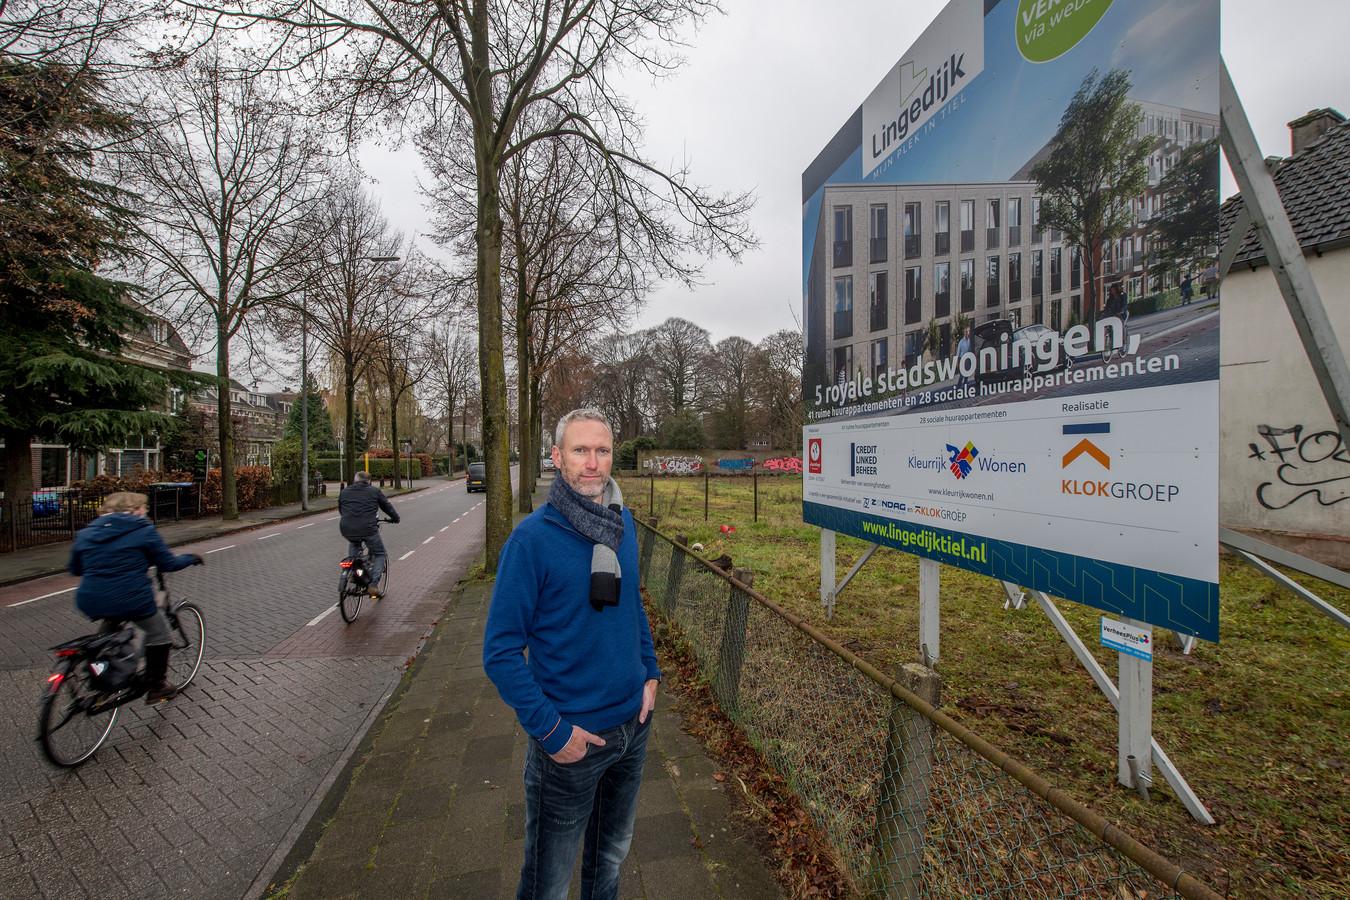 Michiel Commandeur, bewoner van de Lingedijk, snapt niet dat deze woningen (zie bord) gebouwd gaan worden op het braakliggende terrein in zijn straat.